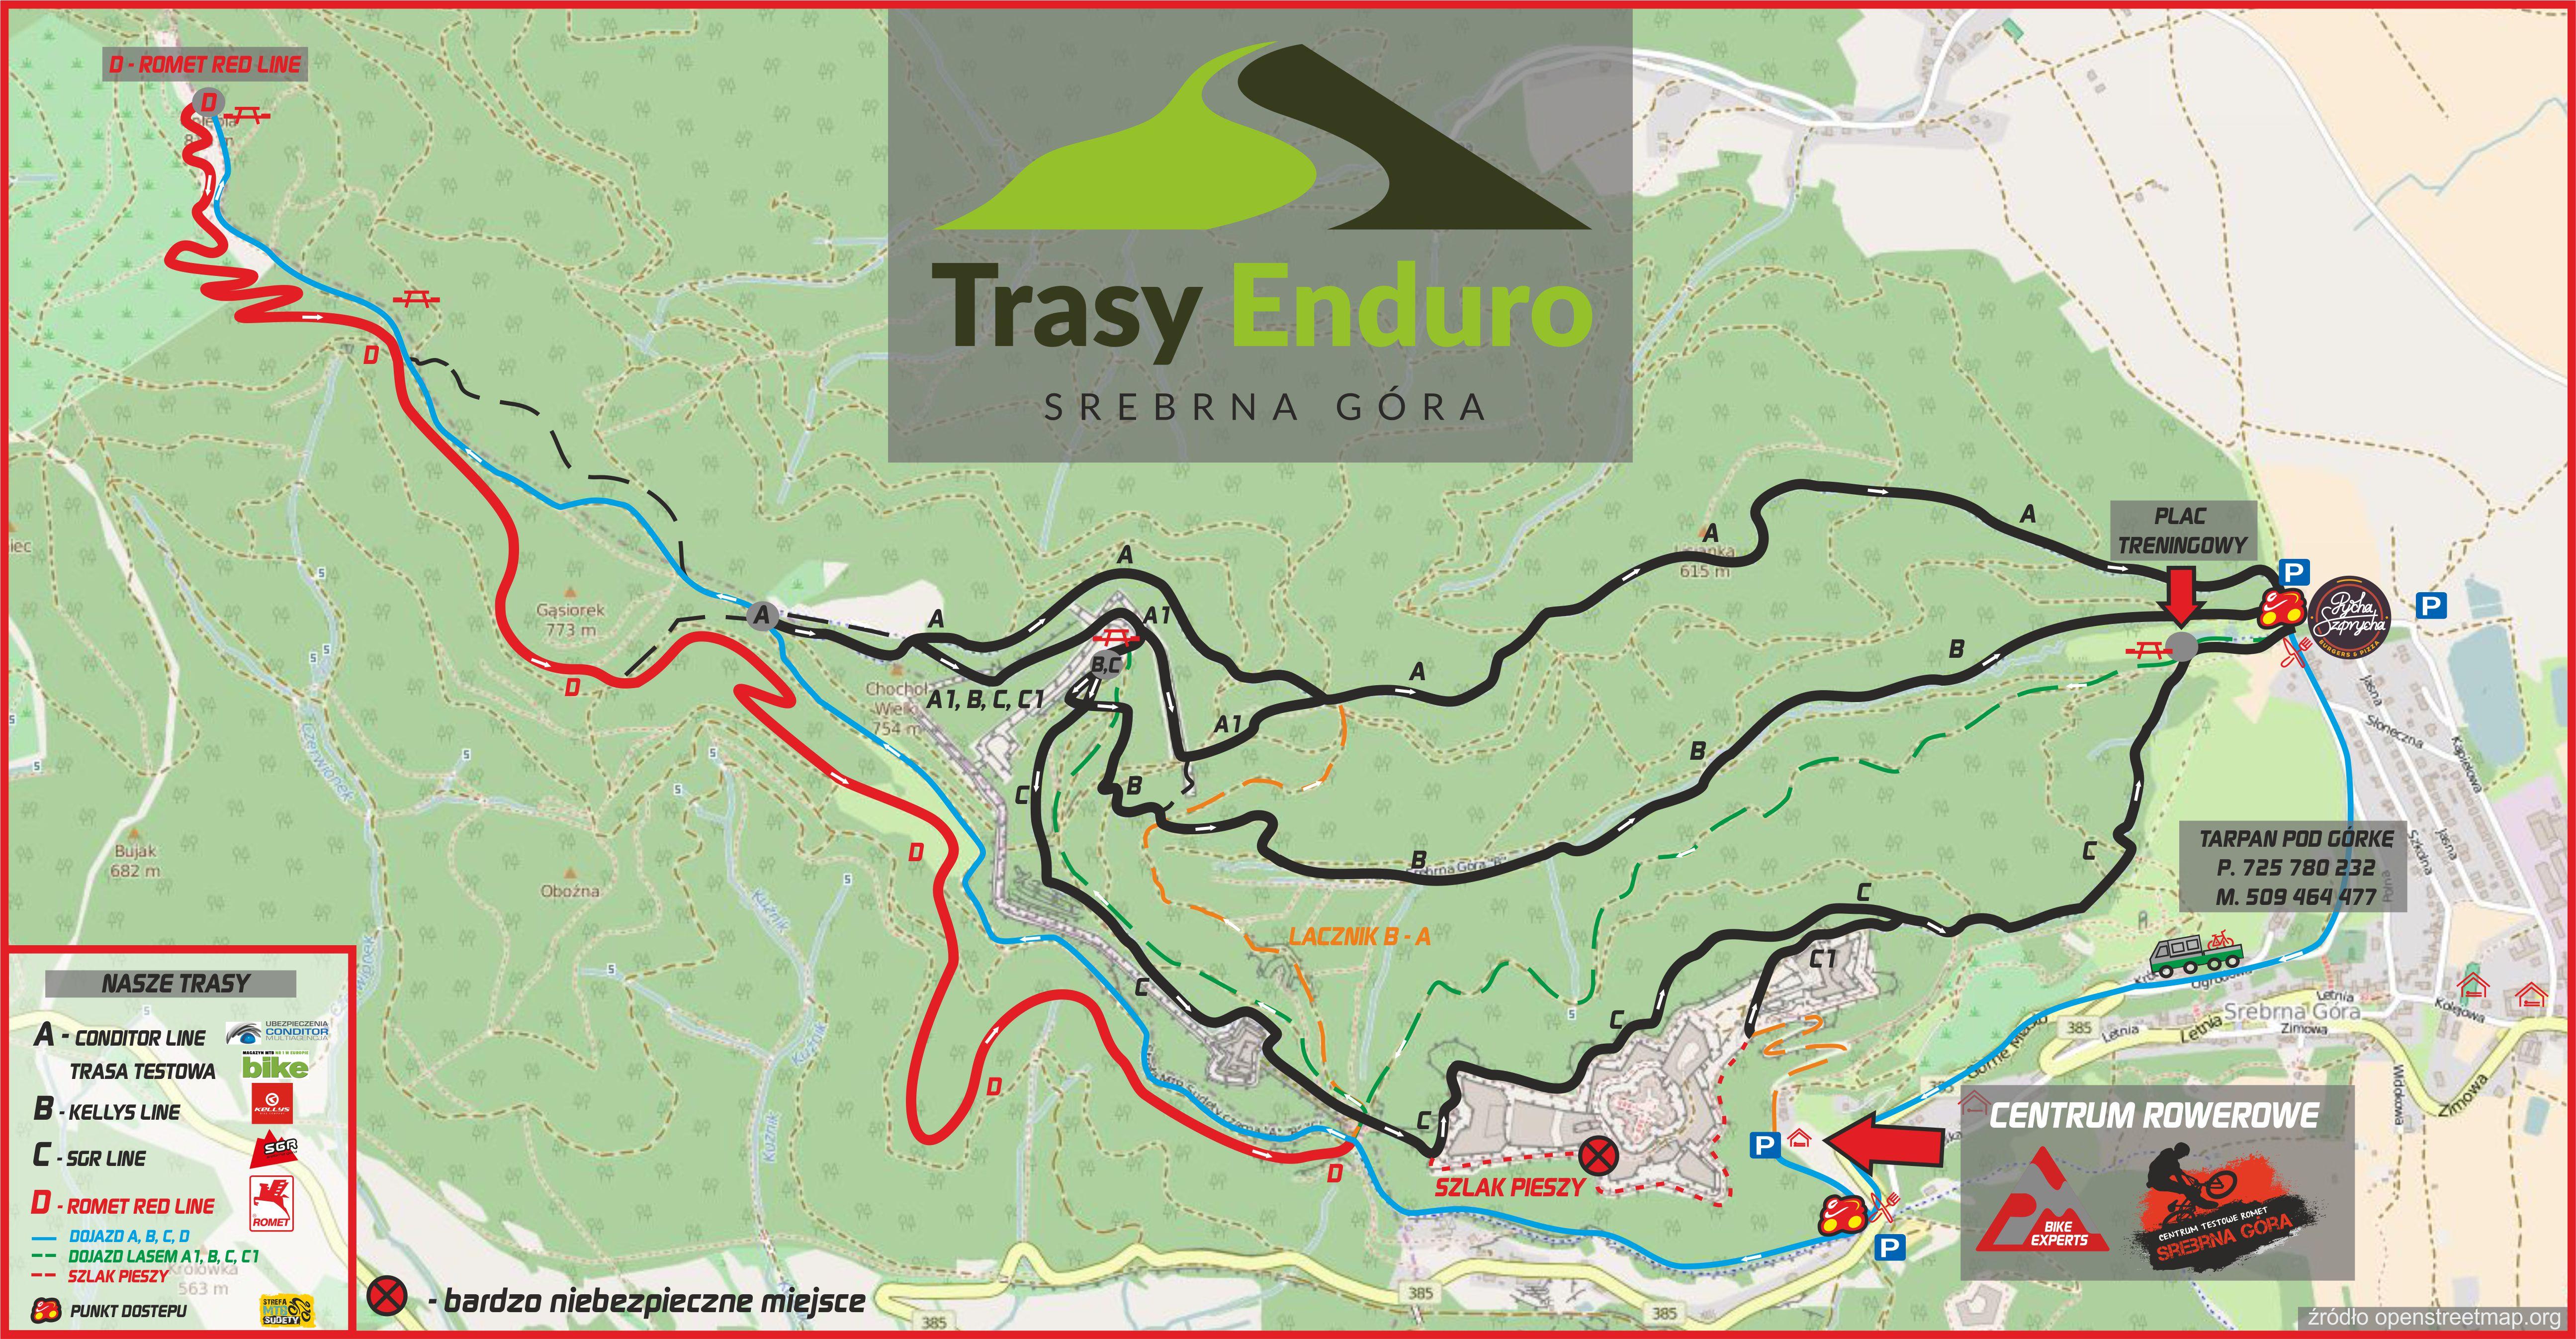 Trasy Enduro Srebrna Góra mapa